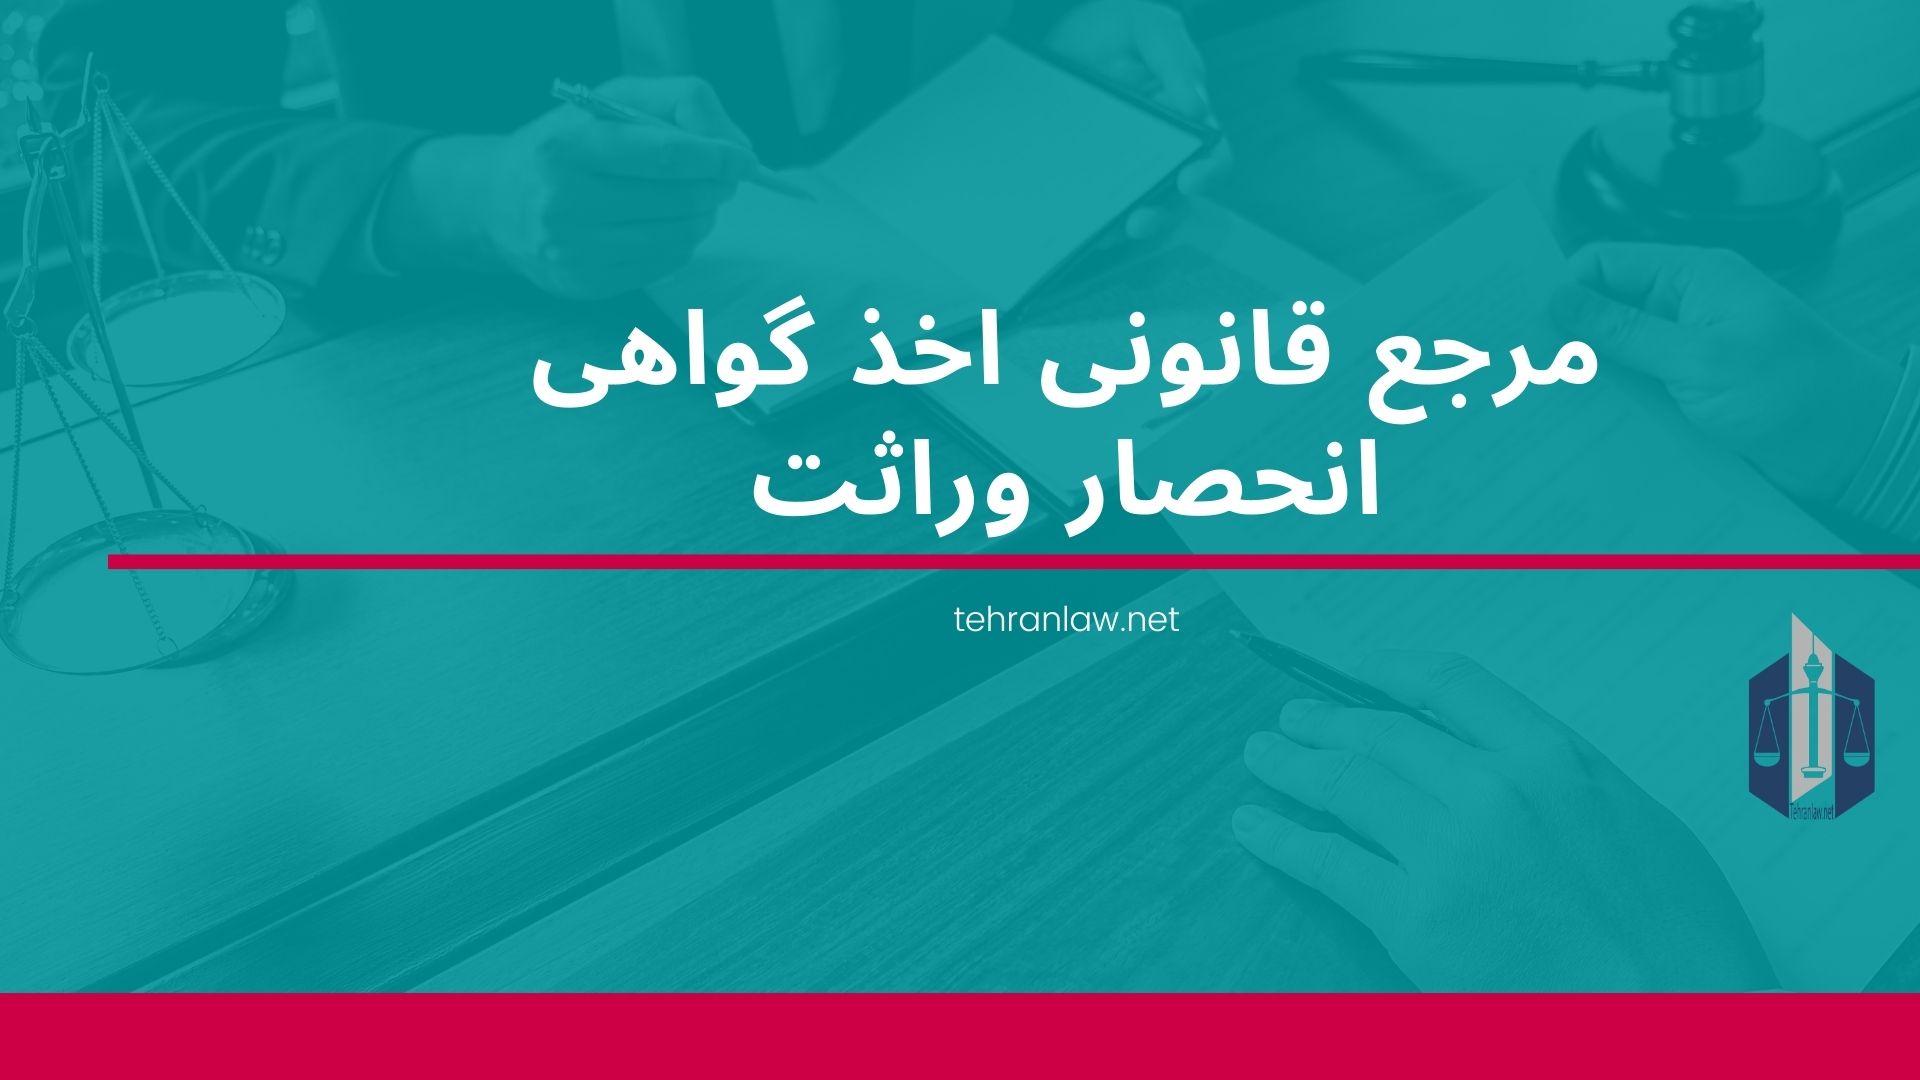 مرجع قانونی اخذ گواهی انحصار وراثت